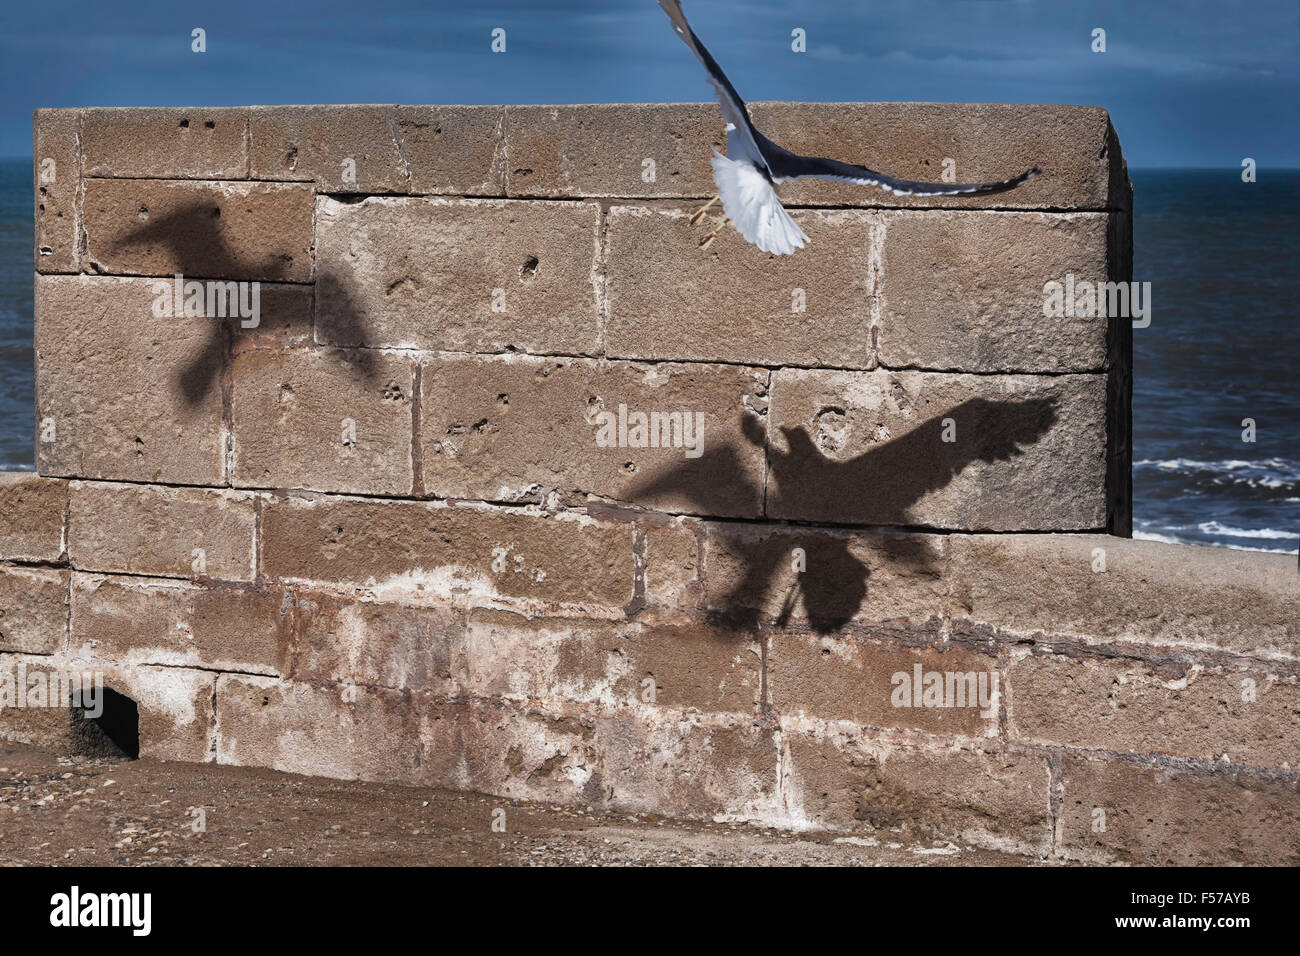 Fliegende Möwe Schatten gegen Steinmauer. Stockbild